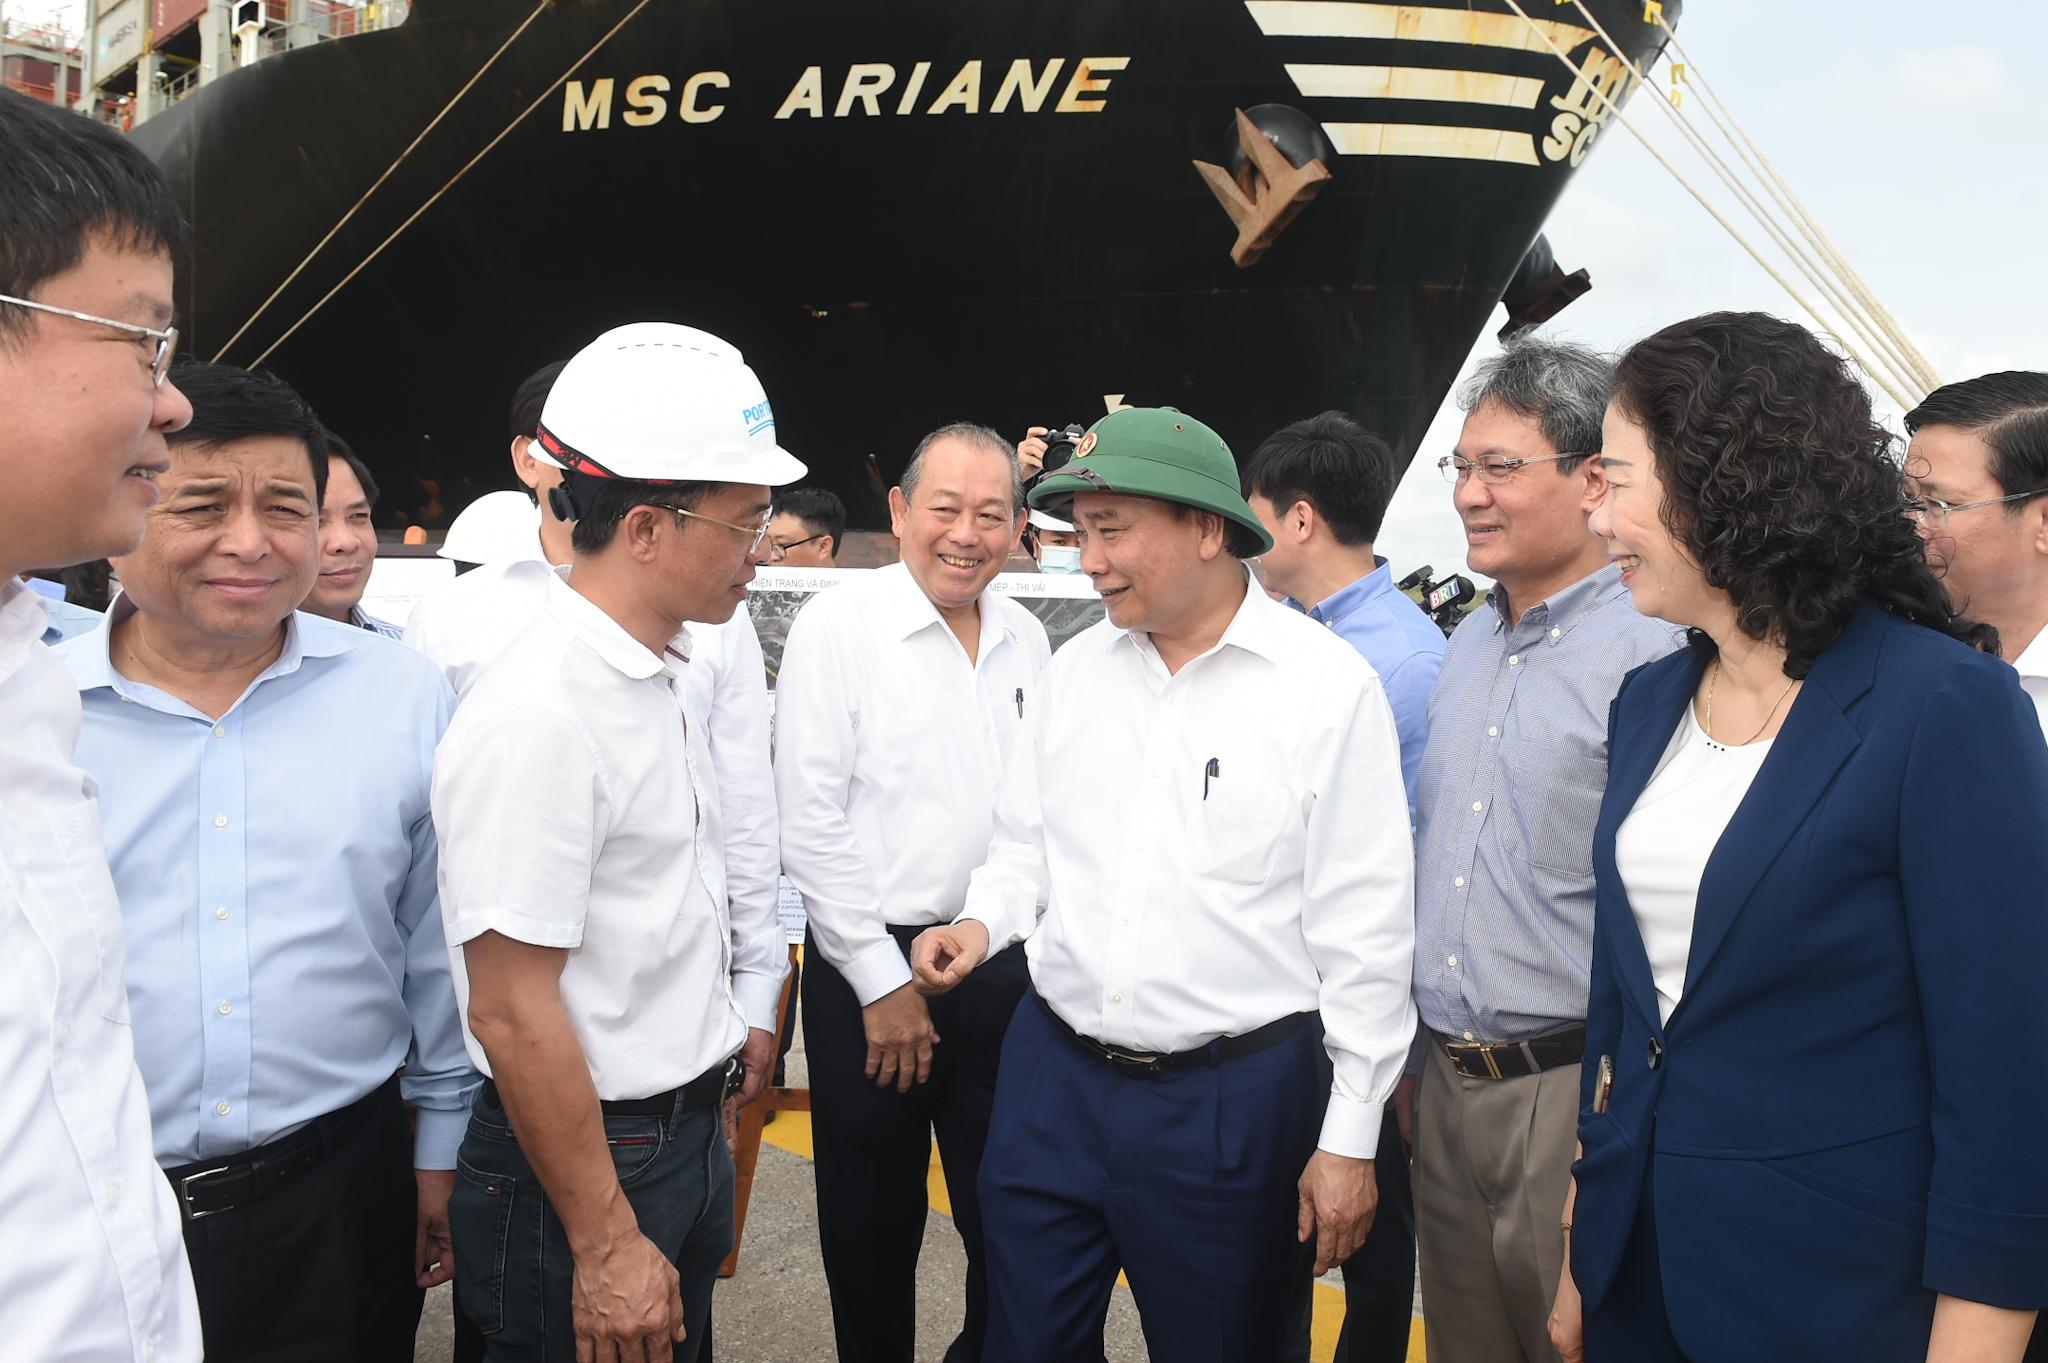 Tổng công suất cụm cảng quốc tế Cái Mép-Thị Vải hiện 8,3 triệu Teus/năm, trong đó năm 2020 đạt mức thông quan 7,55 triêu Teu, tương đương 91%. Ảnh: VGP/Quang Hiếu